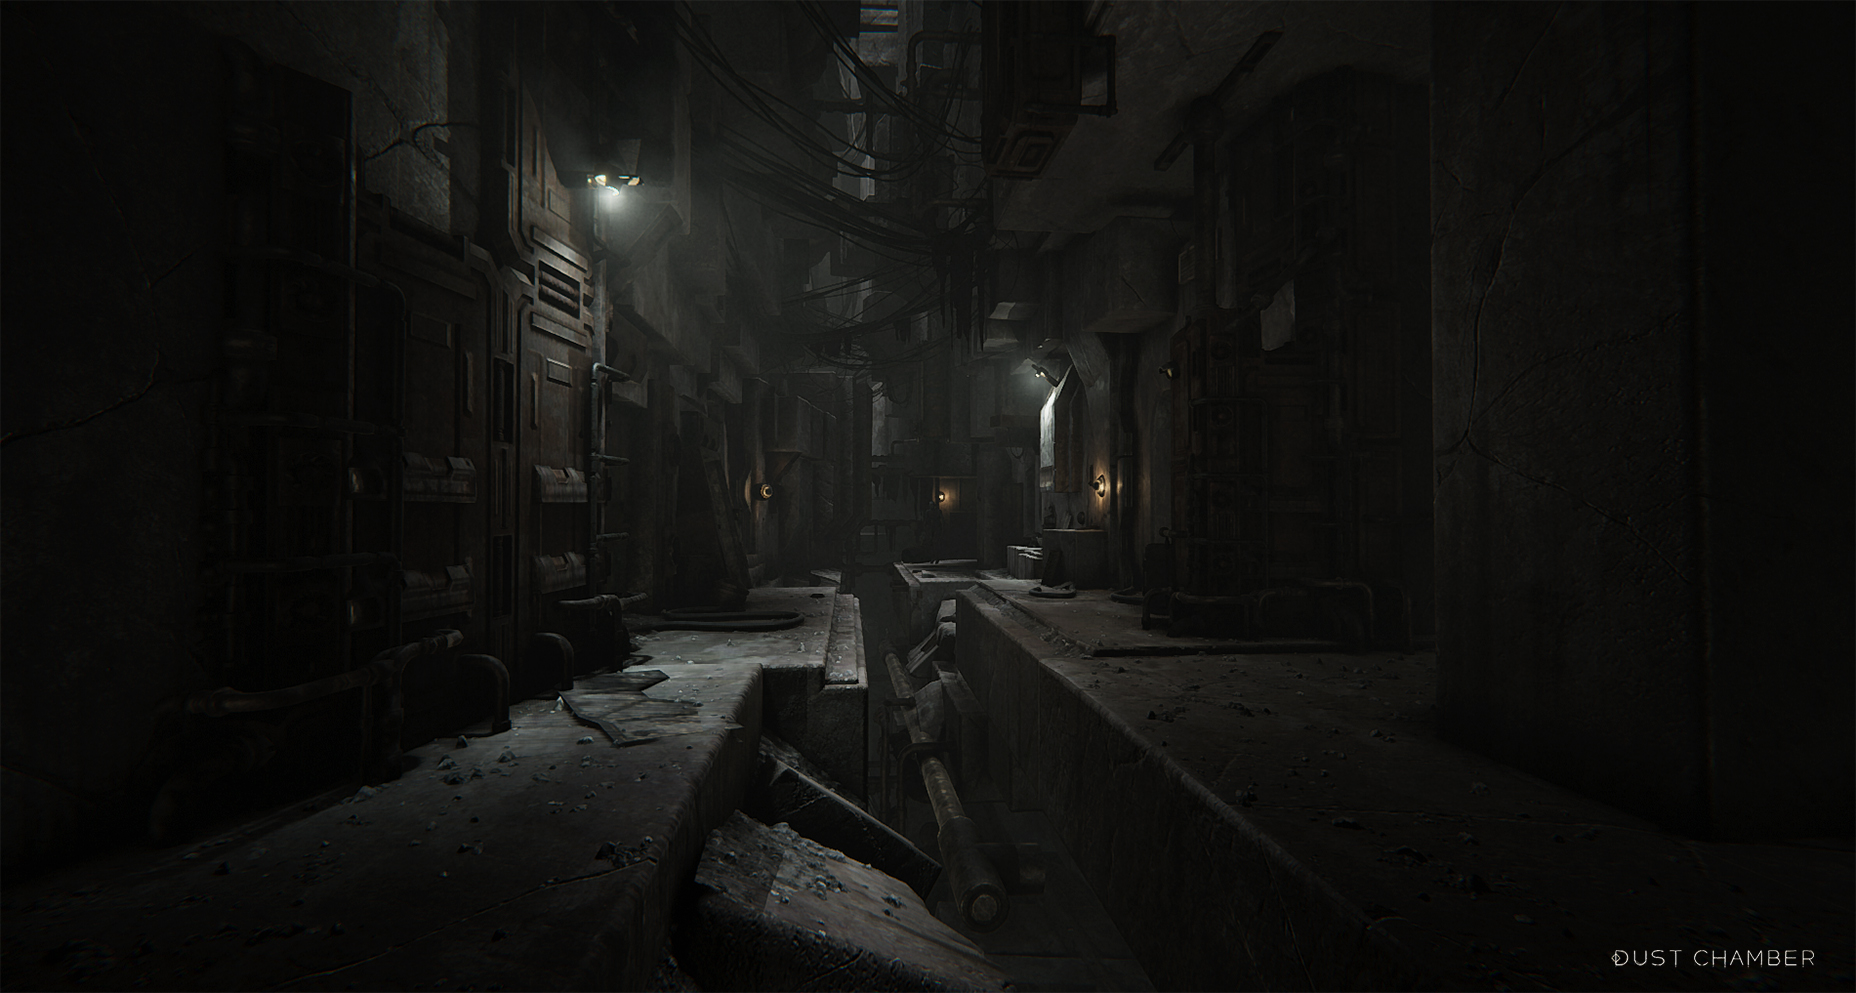 dark | Dust Chamber : Бесконечная Структура, пыль, спуск в бездну